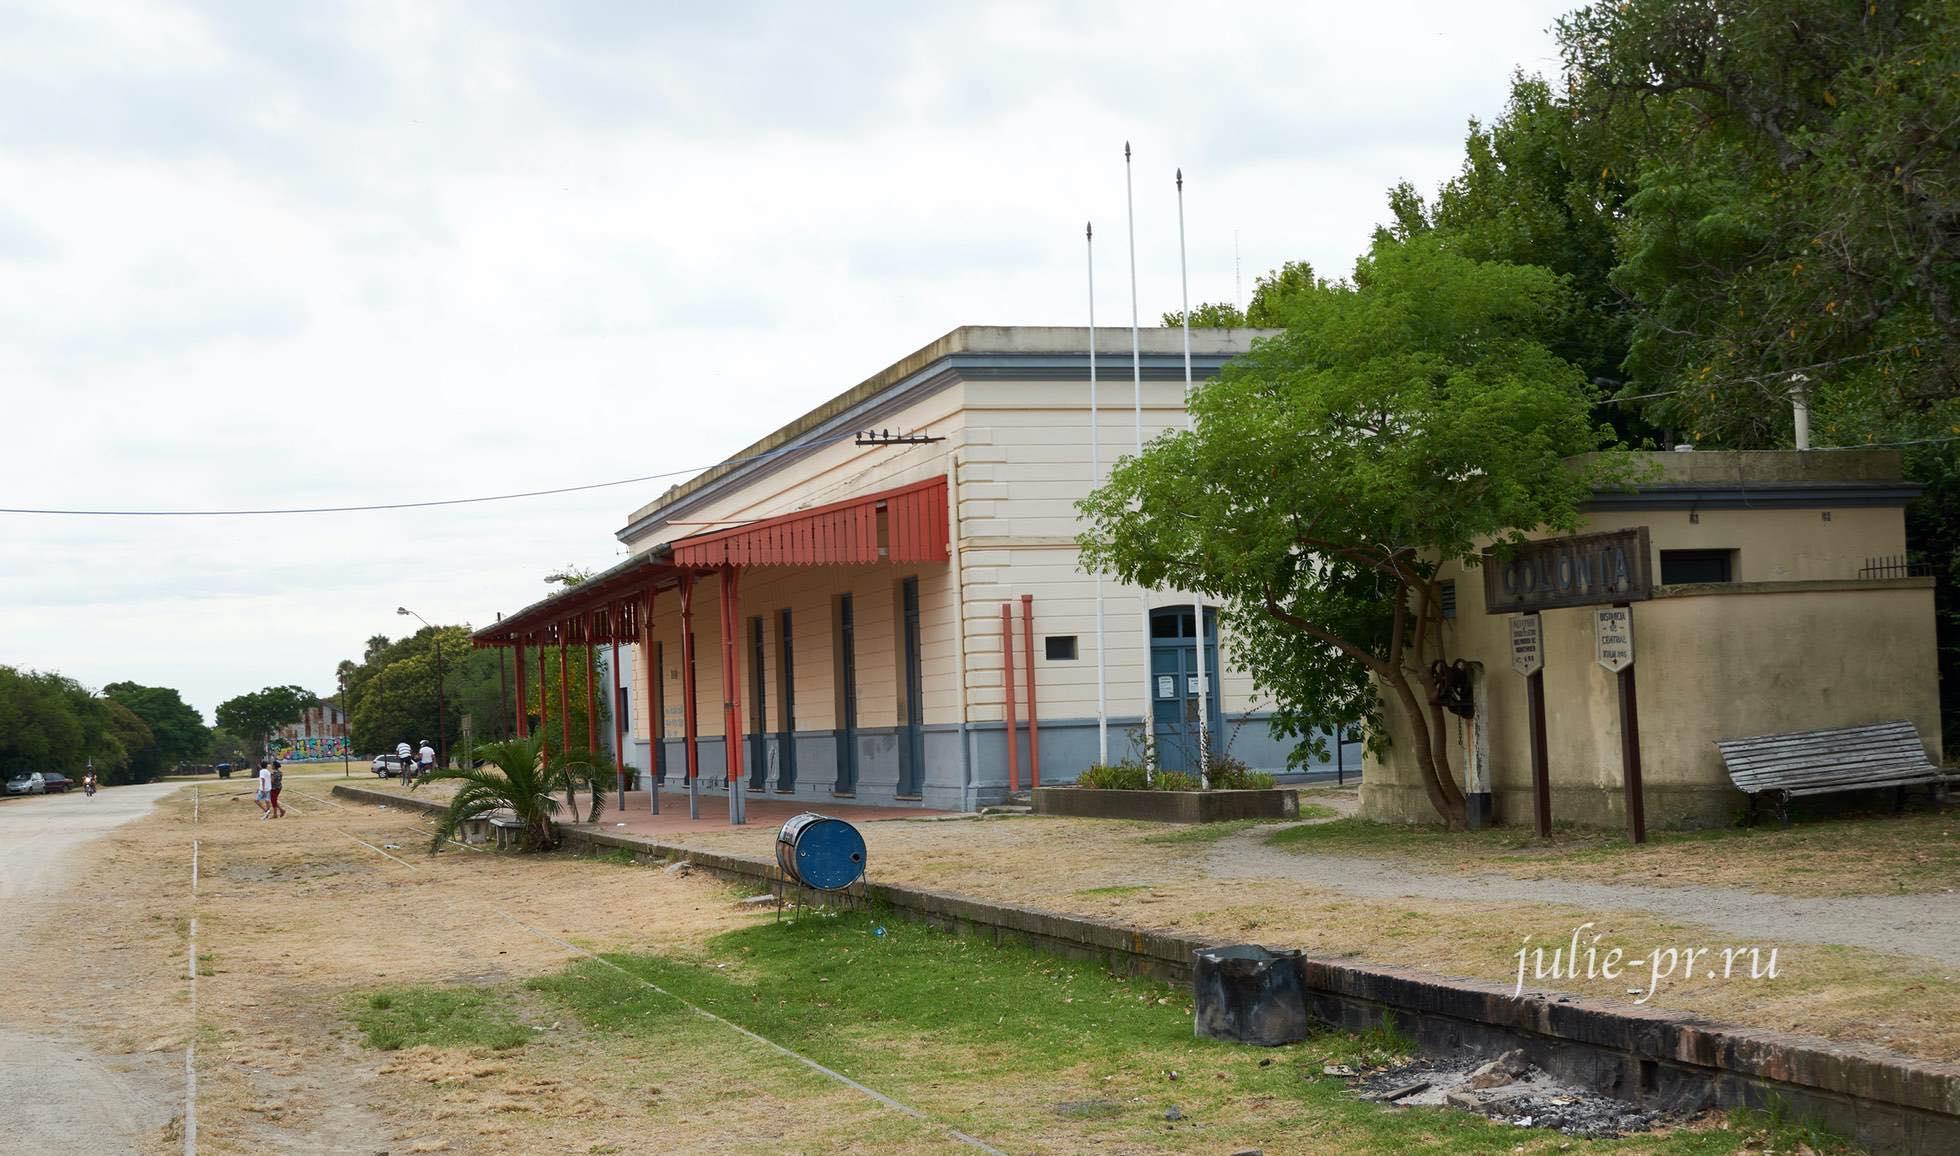 Уругвай, Колония-дель-Сакраменто, Бывшая железнодорожная станция